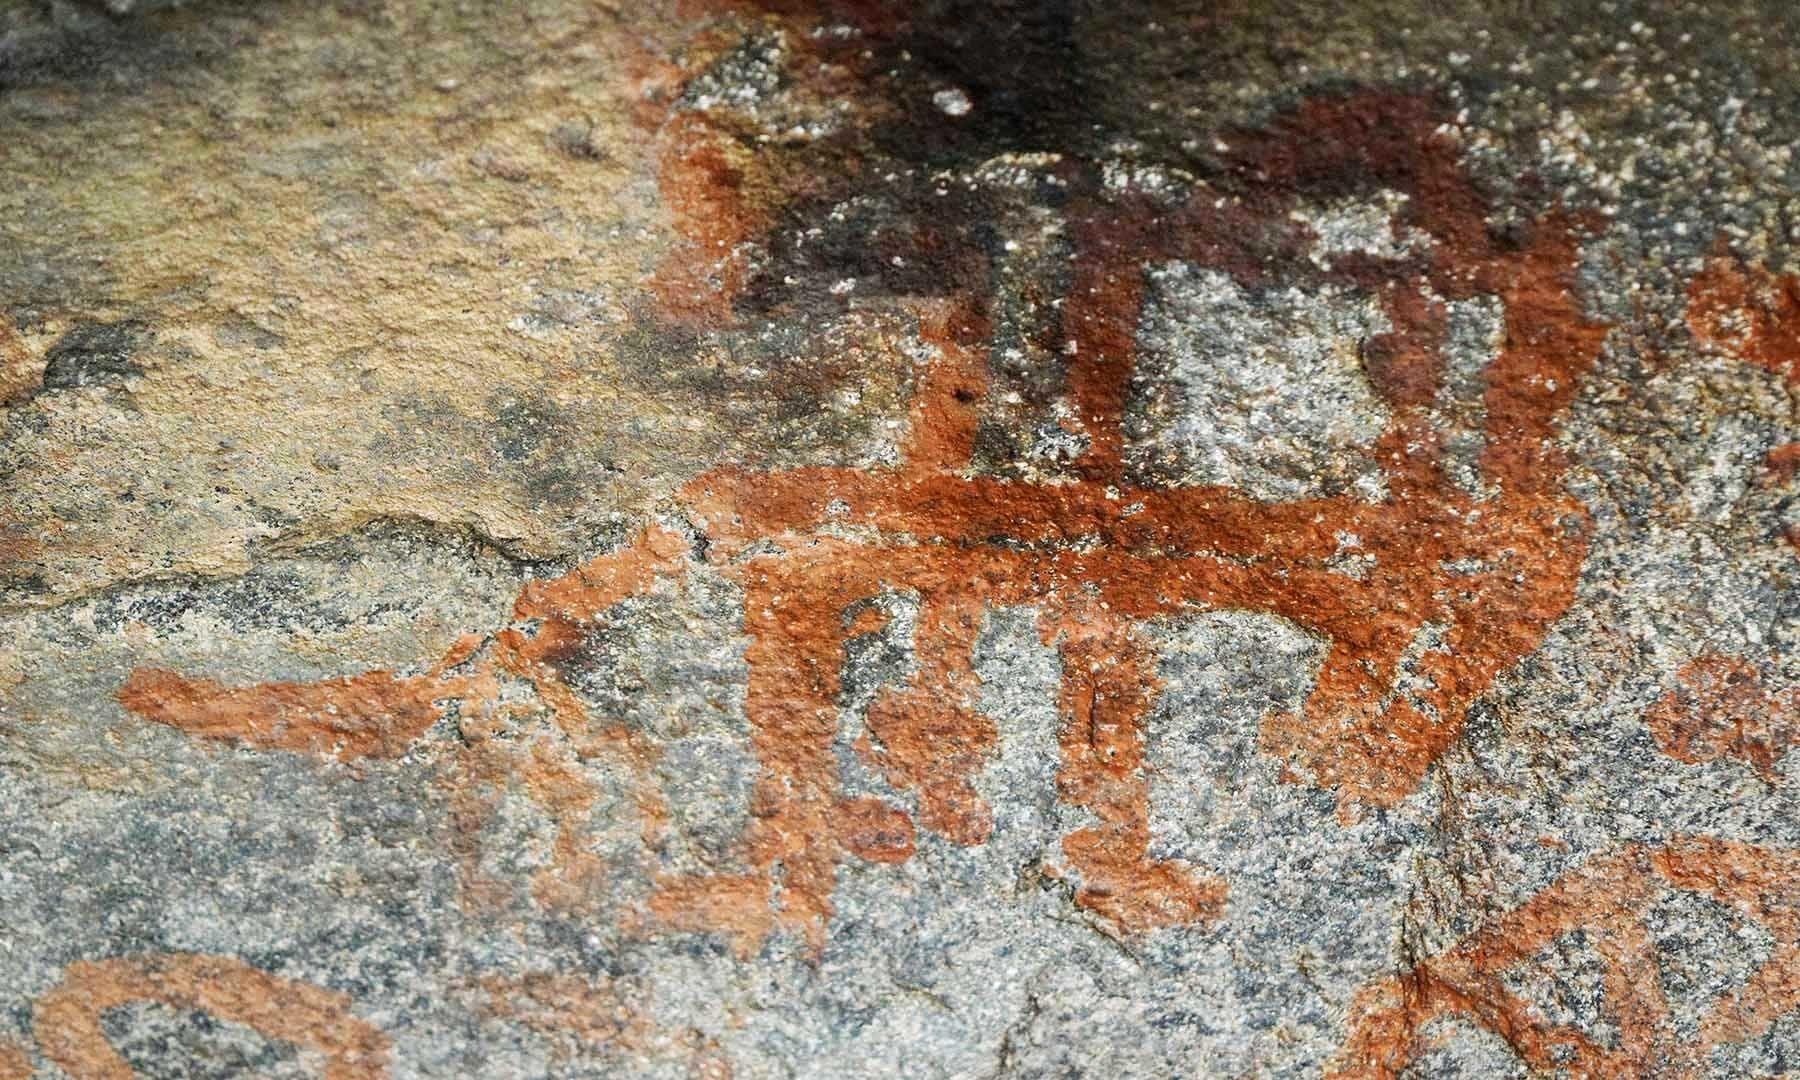 تقریباً تین ہزار سال پرانی پینٹنگ، جس پر کسی جانور کا گمان ہوتا ہے— امجد علی سحاب